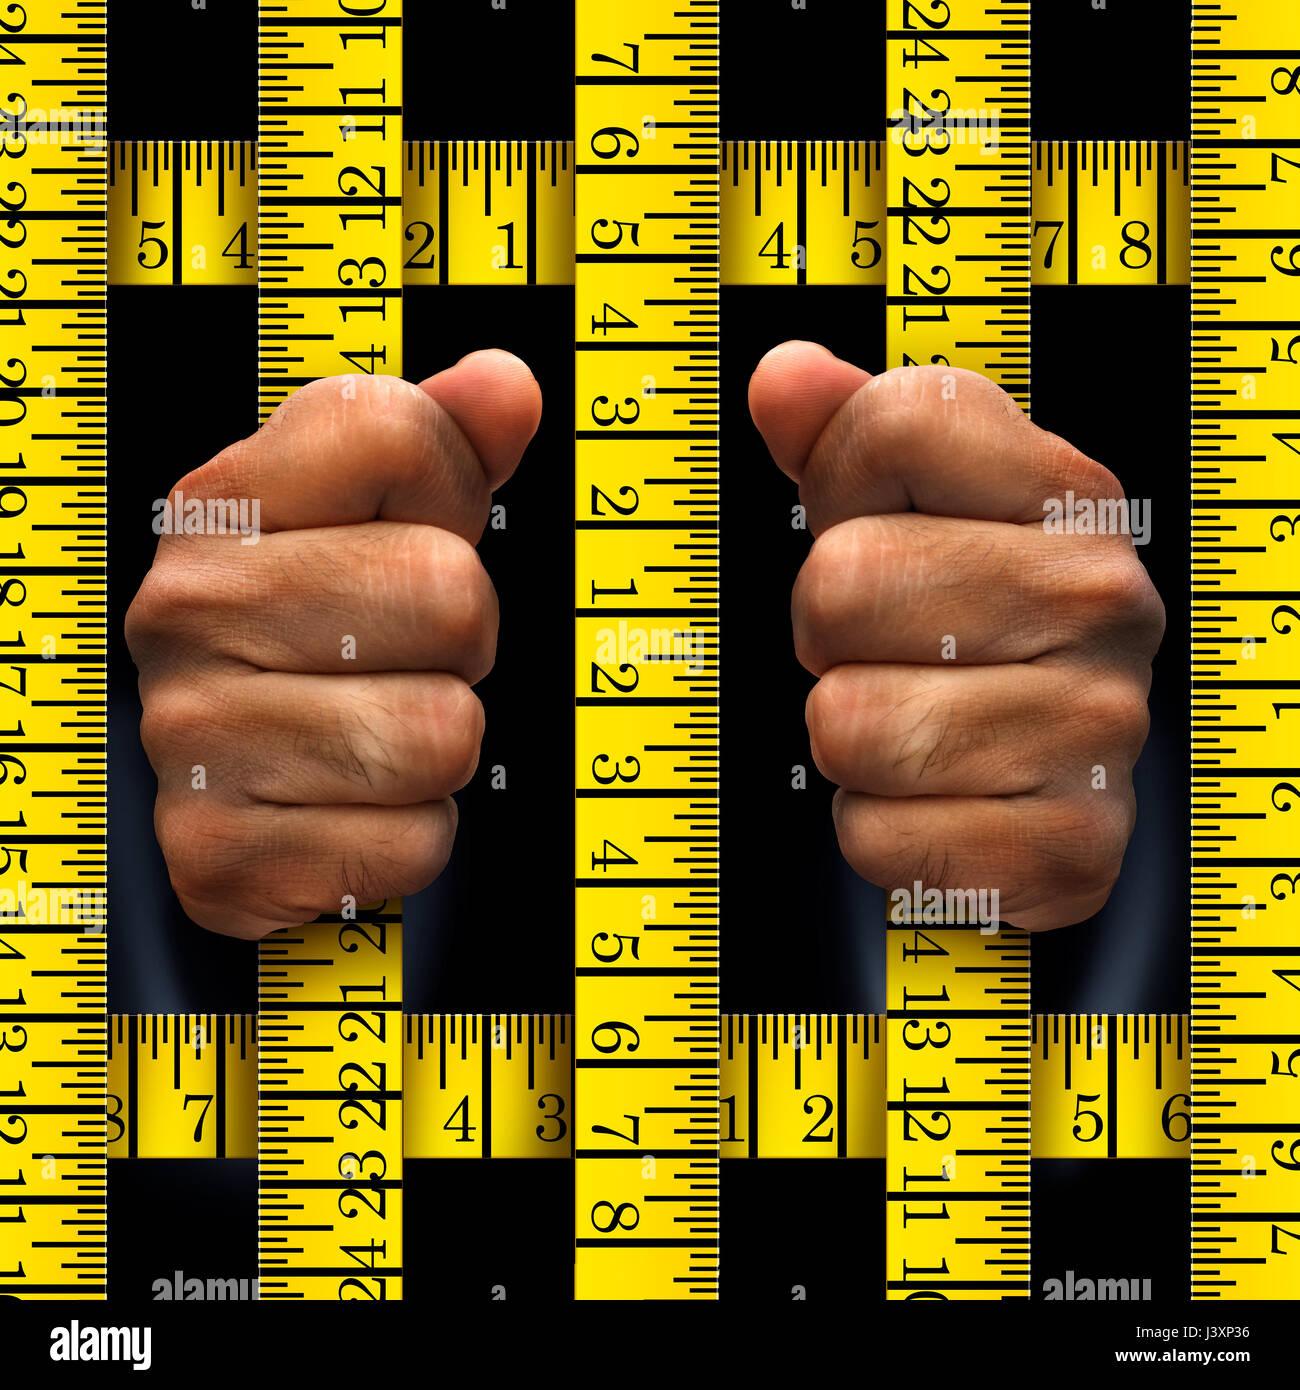 Adietando preso o Prison Food concepto y como una metáfora de la pérdida de peso y ejercicios para perder Imagen De Stock